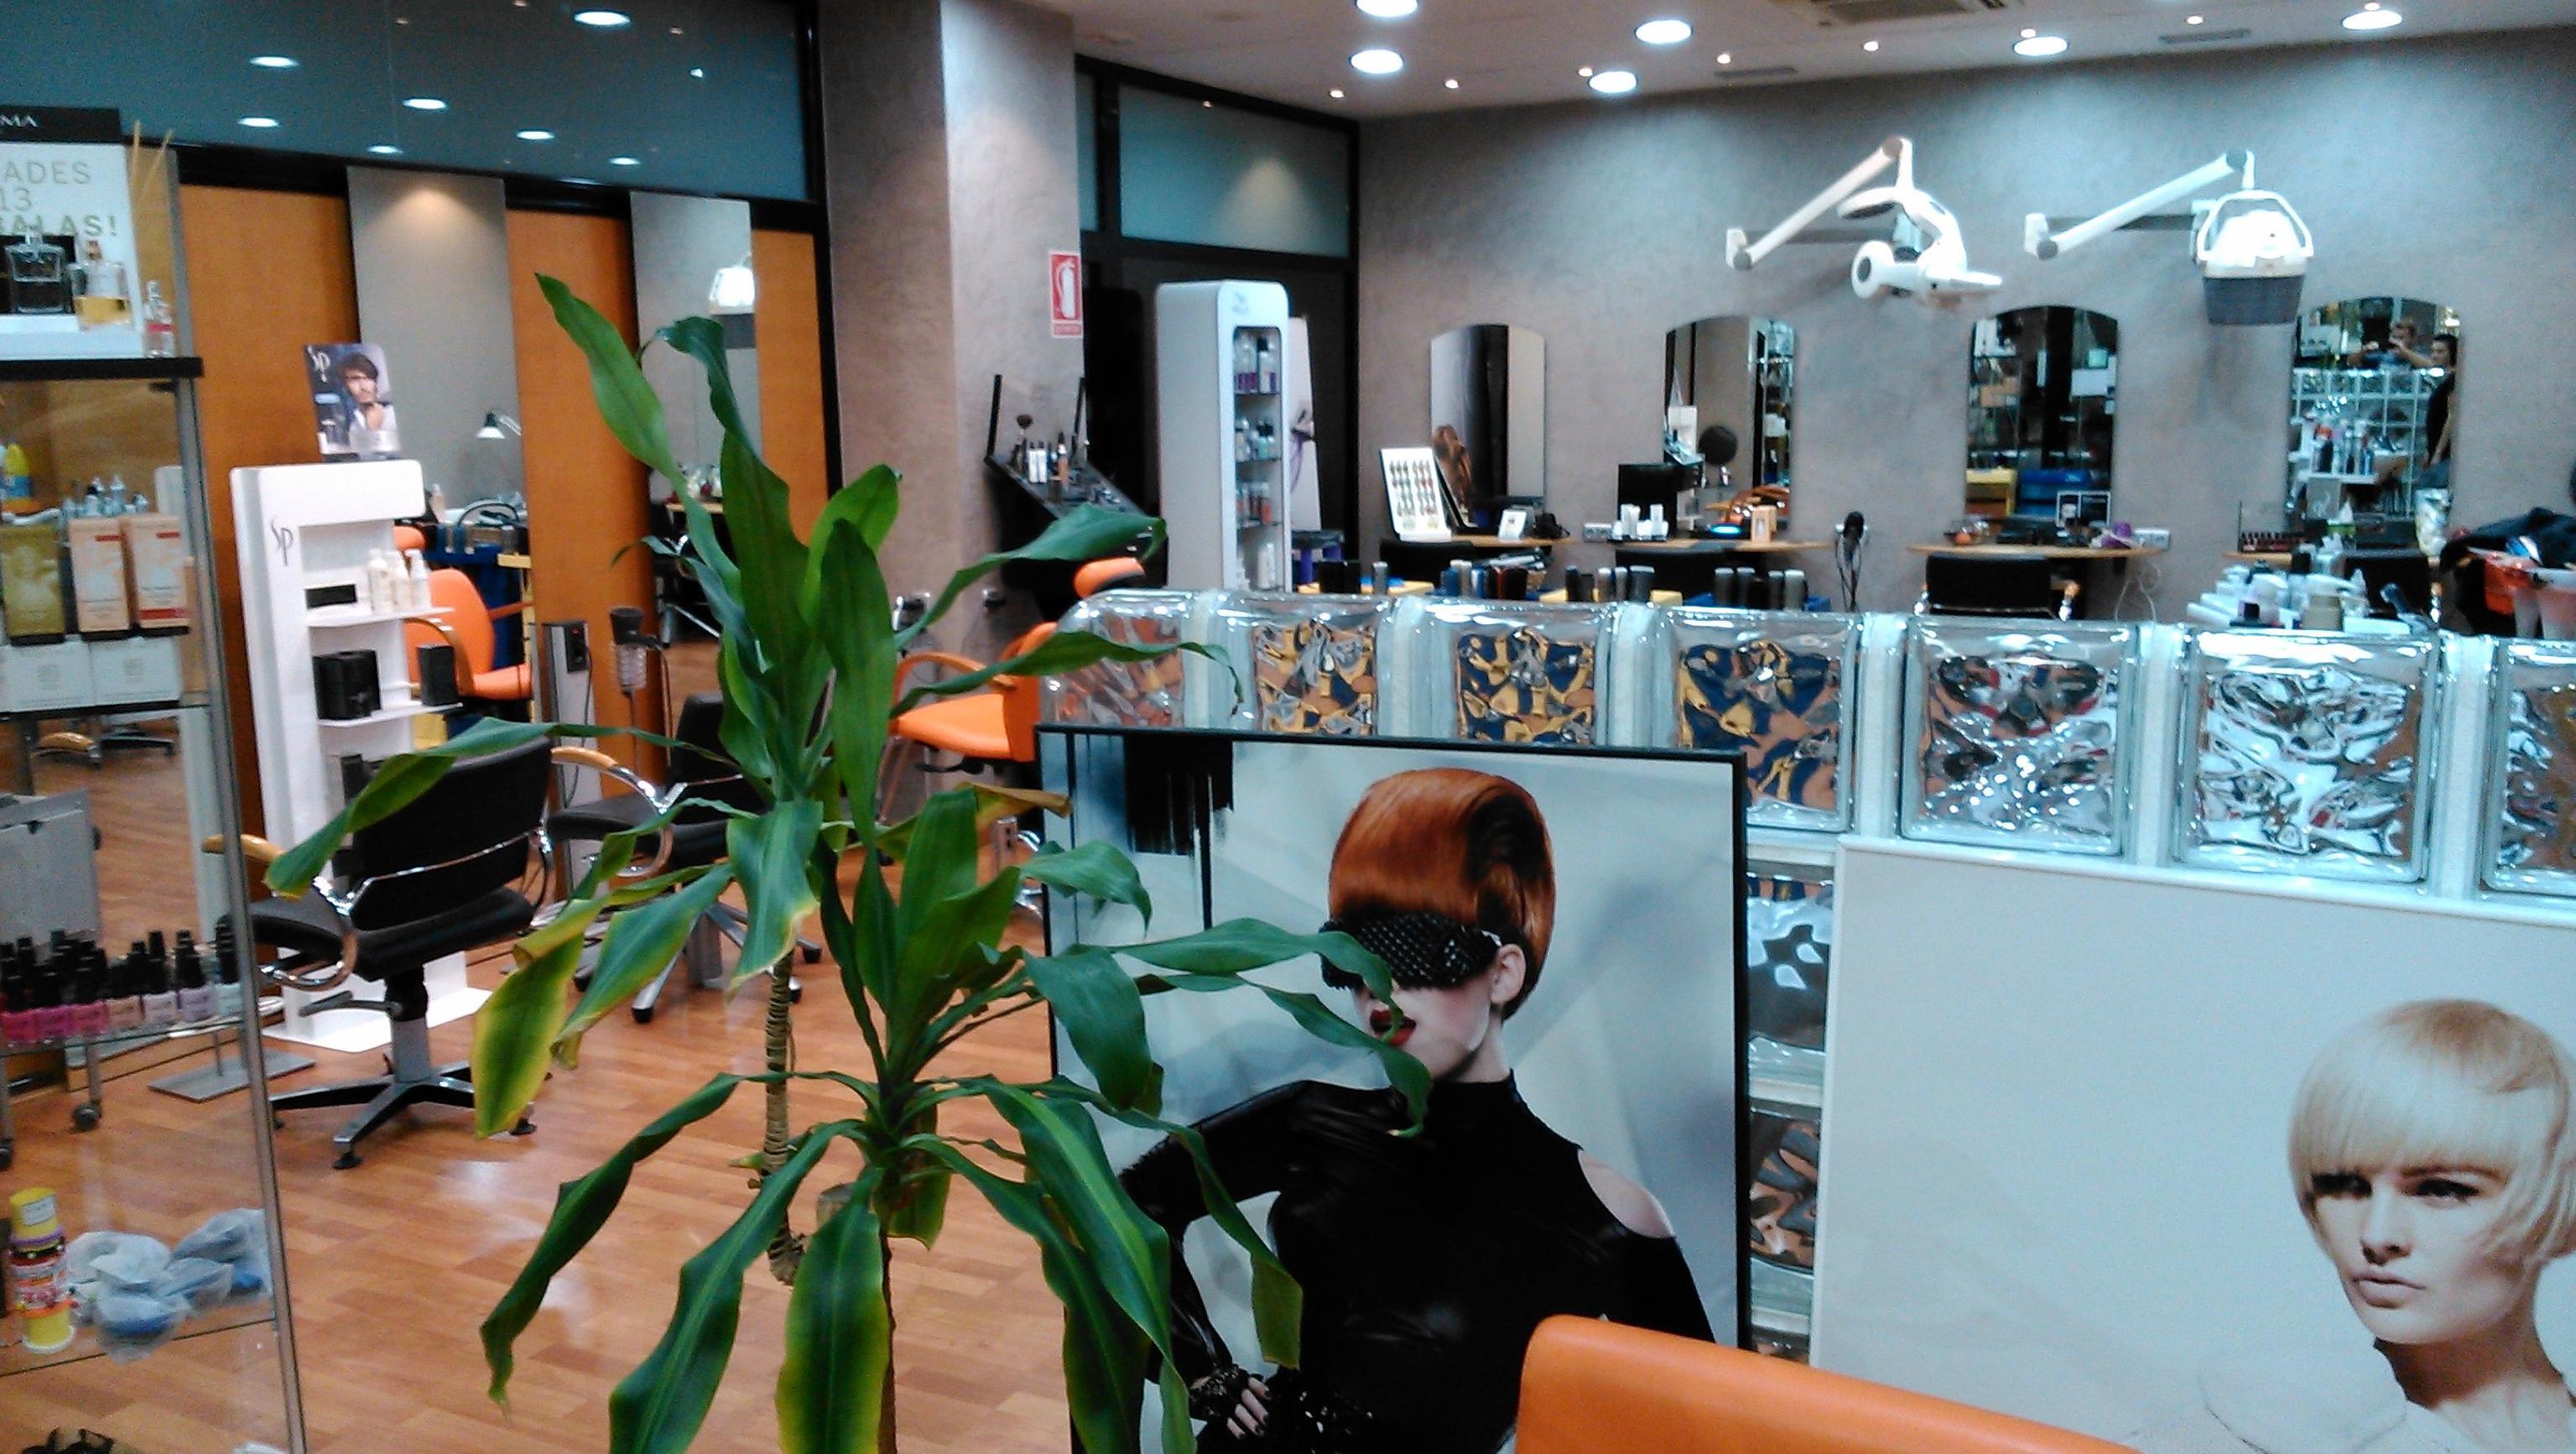 Vista parcial de la peluquería